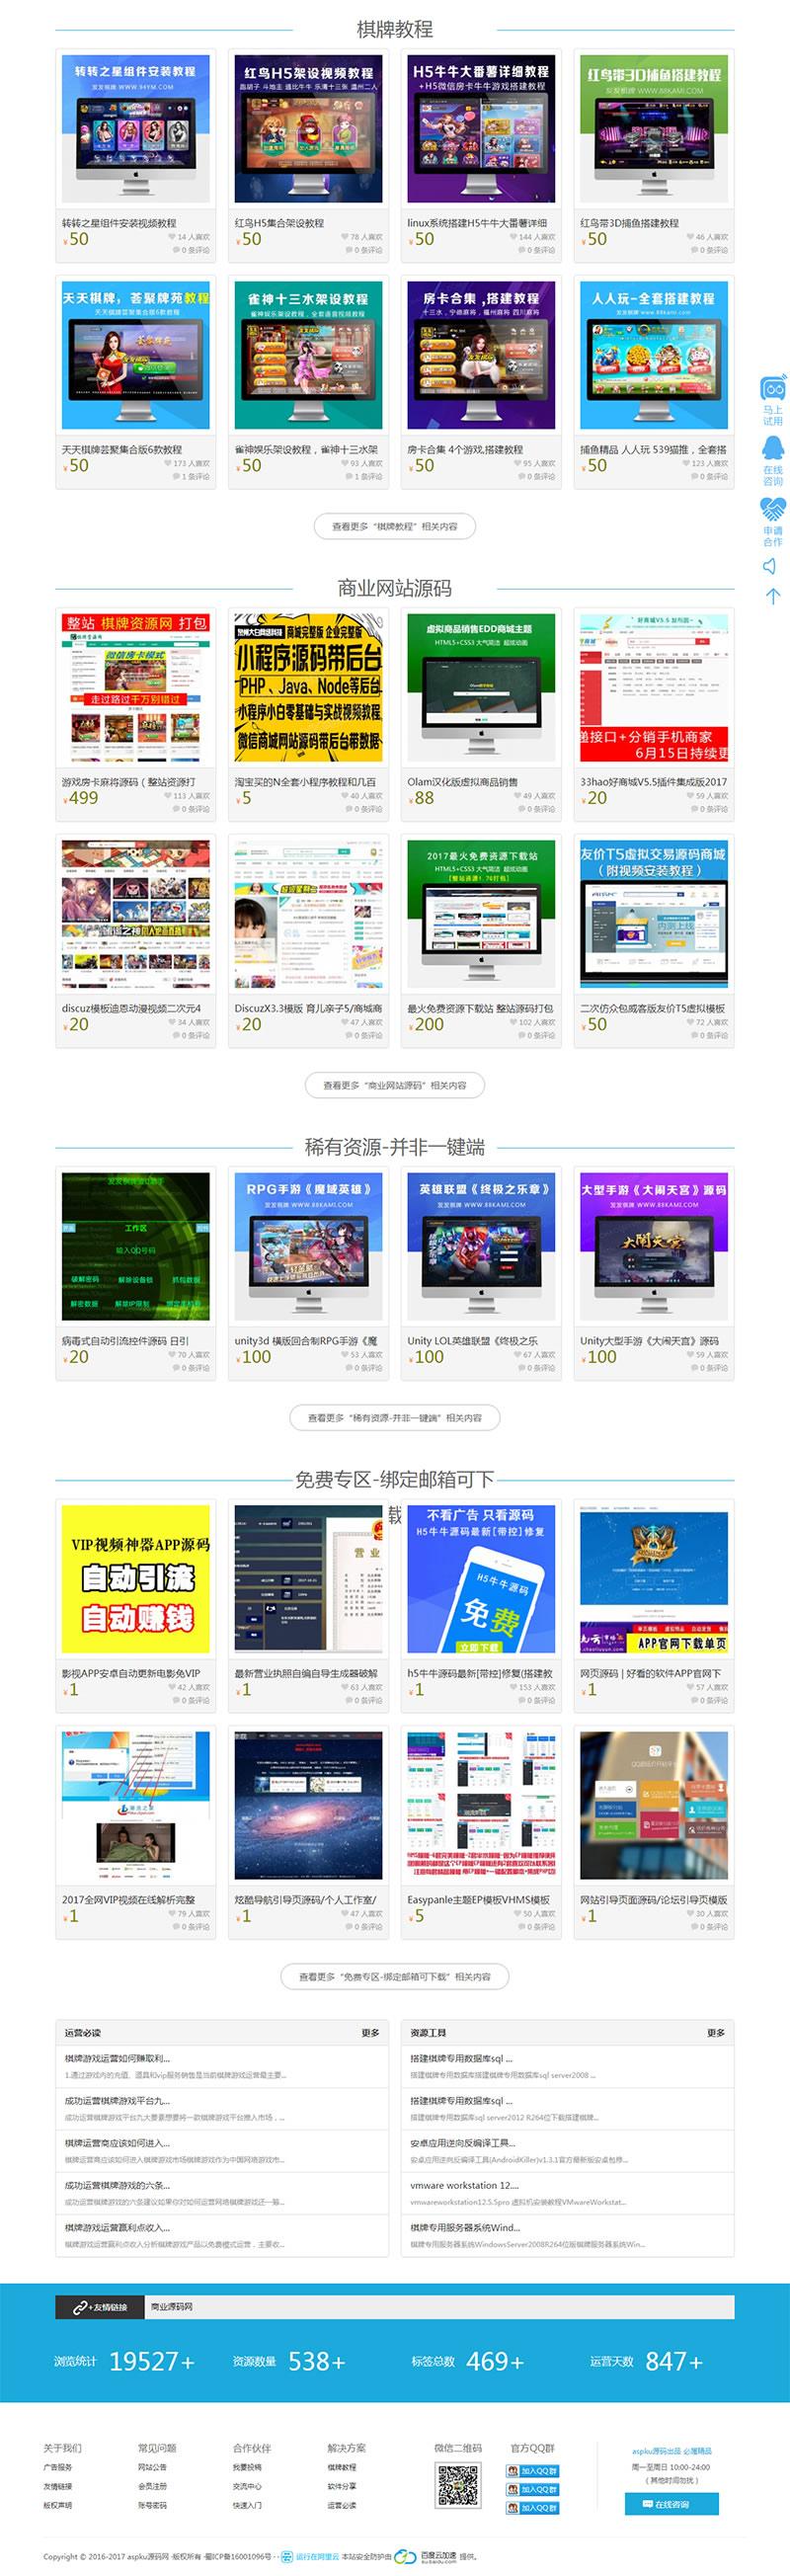 娱乐游戏ASPKU资源网整站打包系统源码-爱资源分享